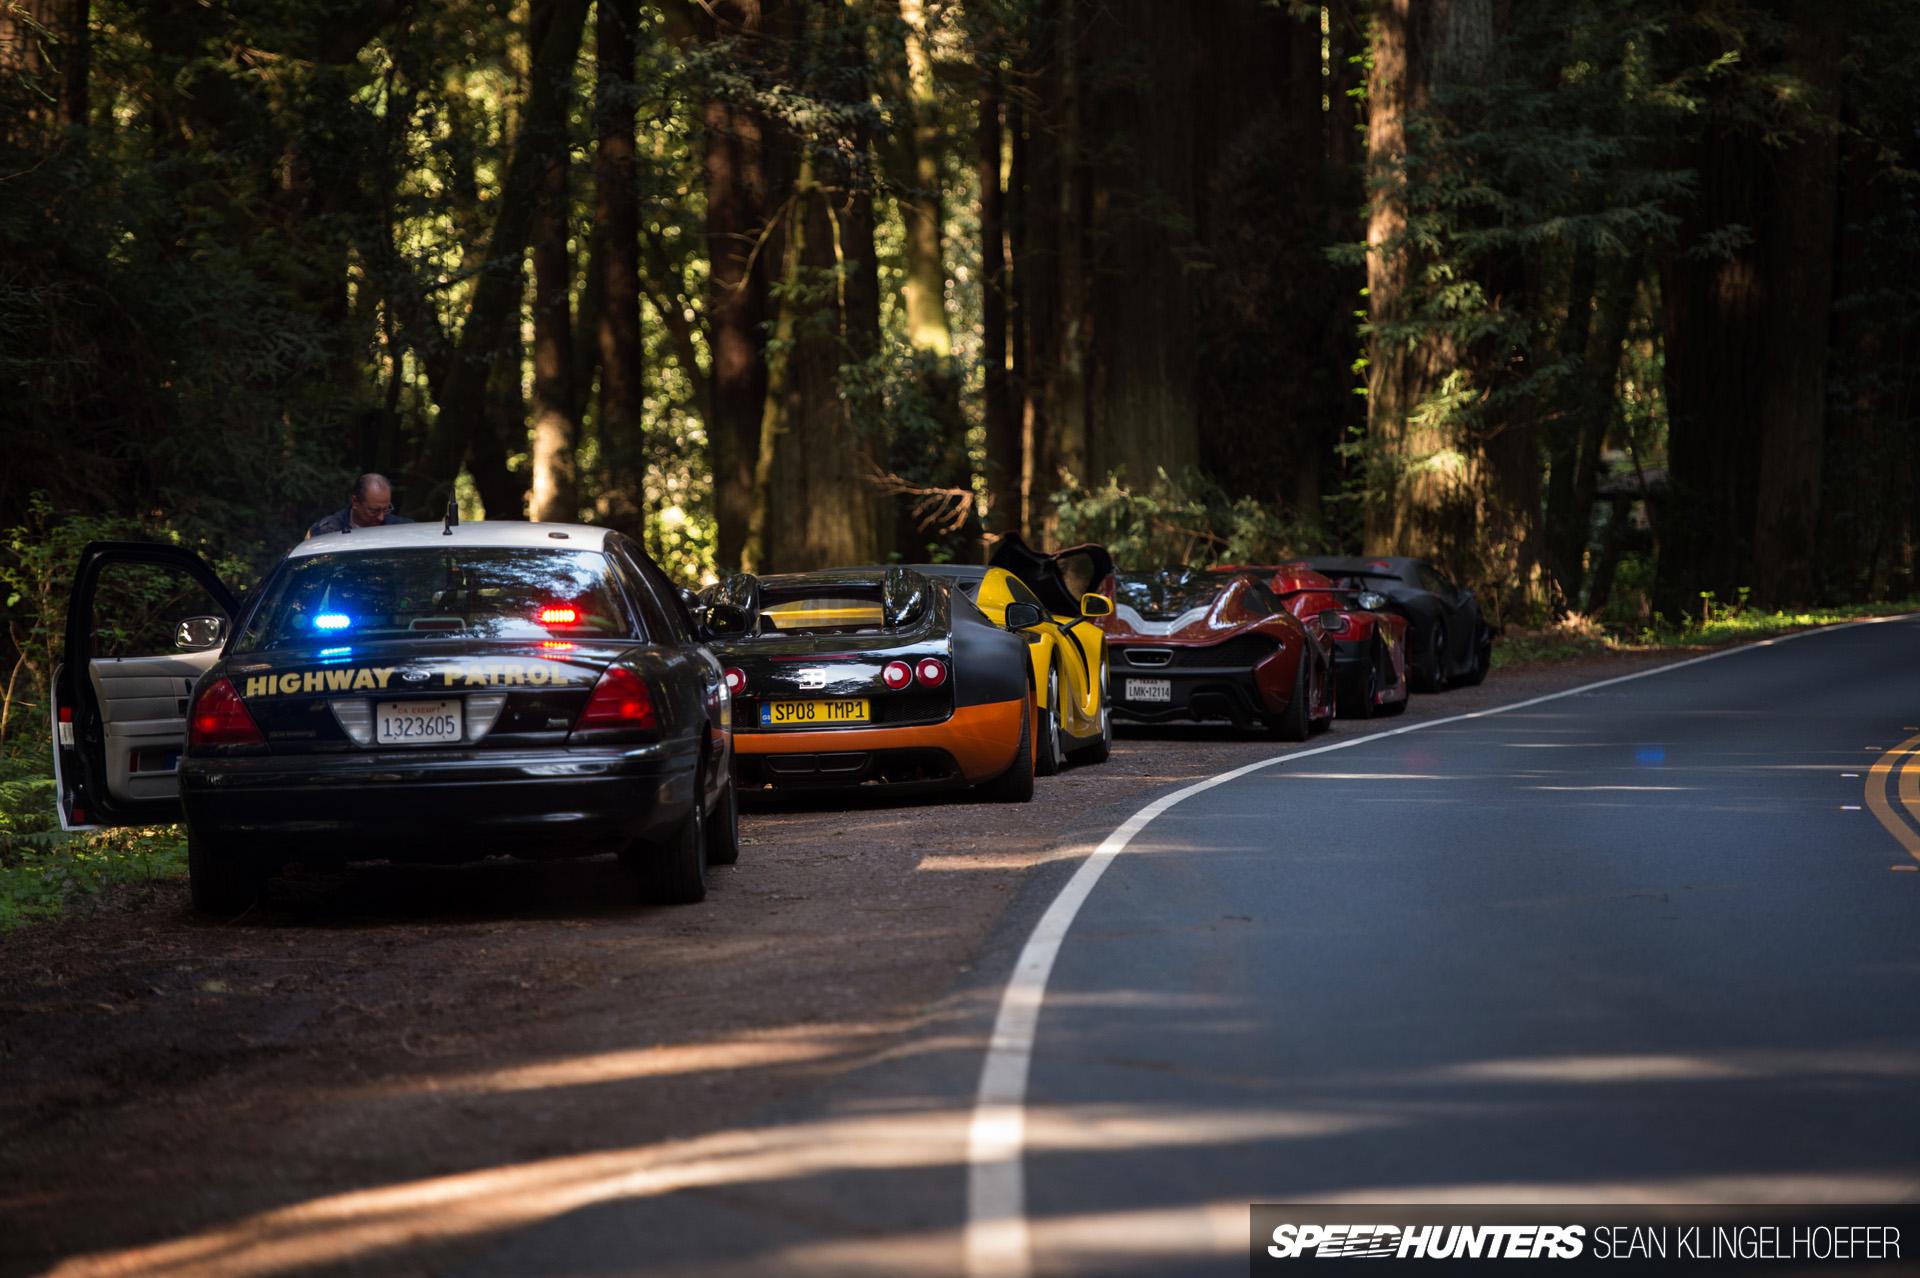 Obrazem: Žihadla v Need for Speed filmu 91399